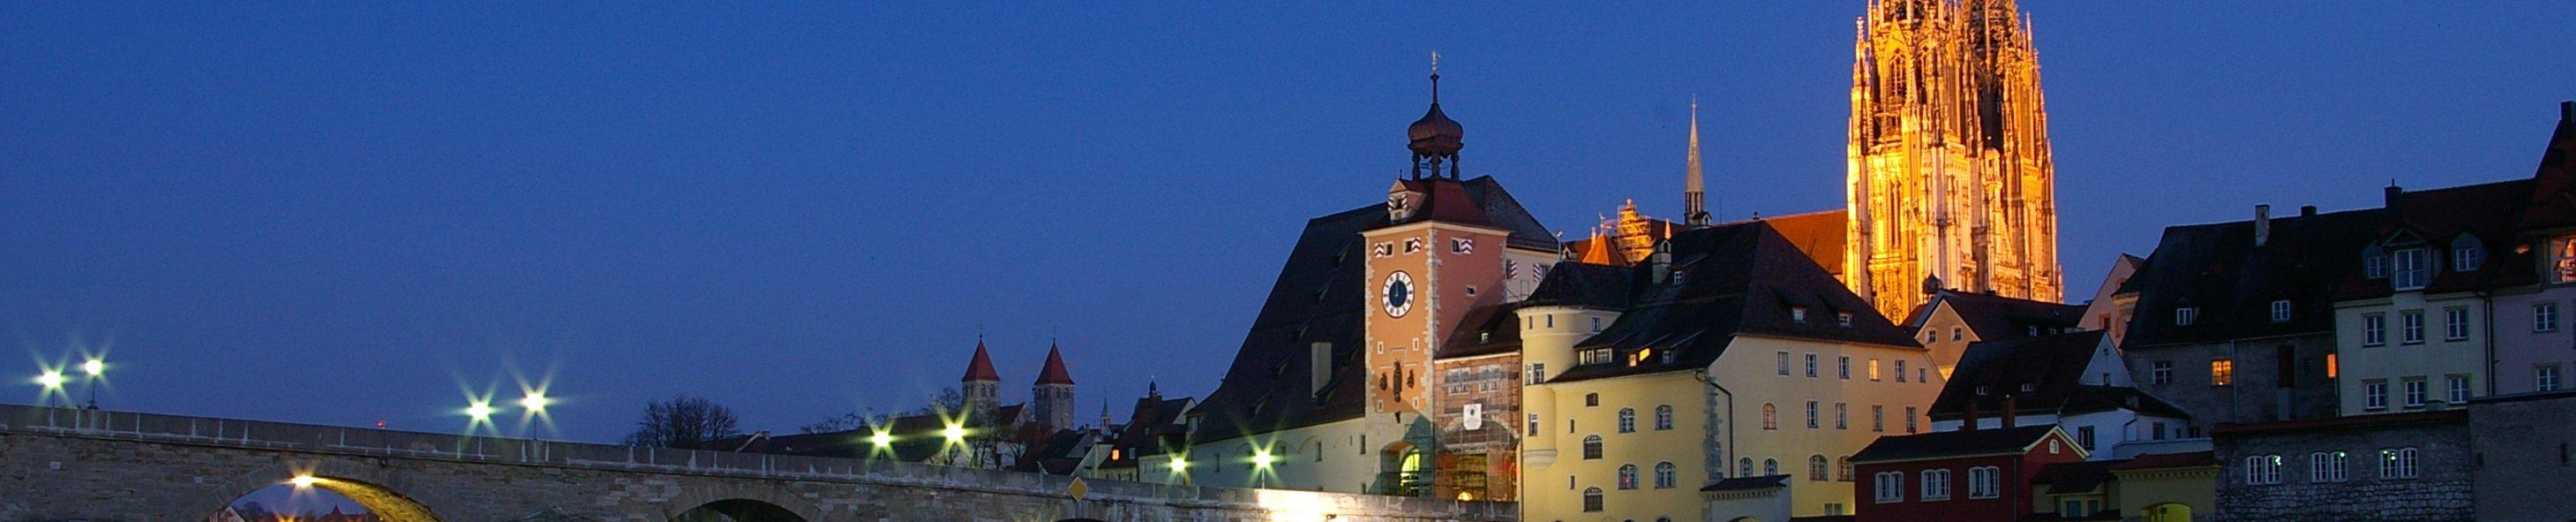 Rupertia Regensburg